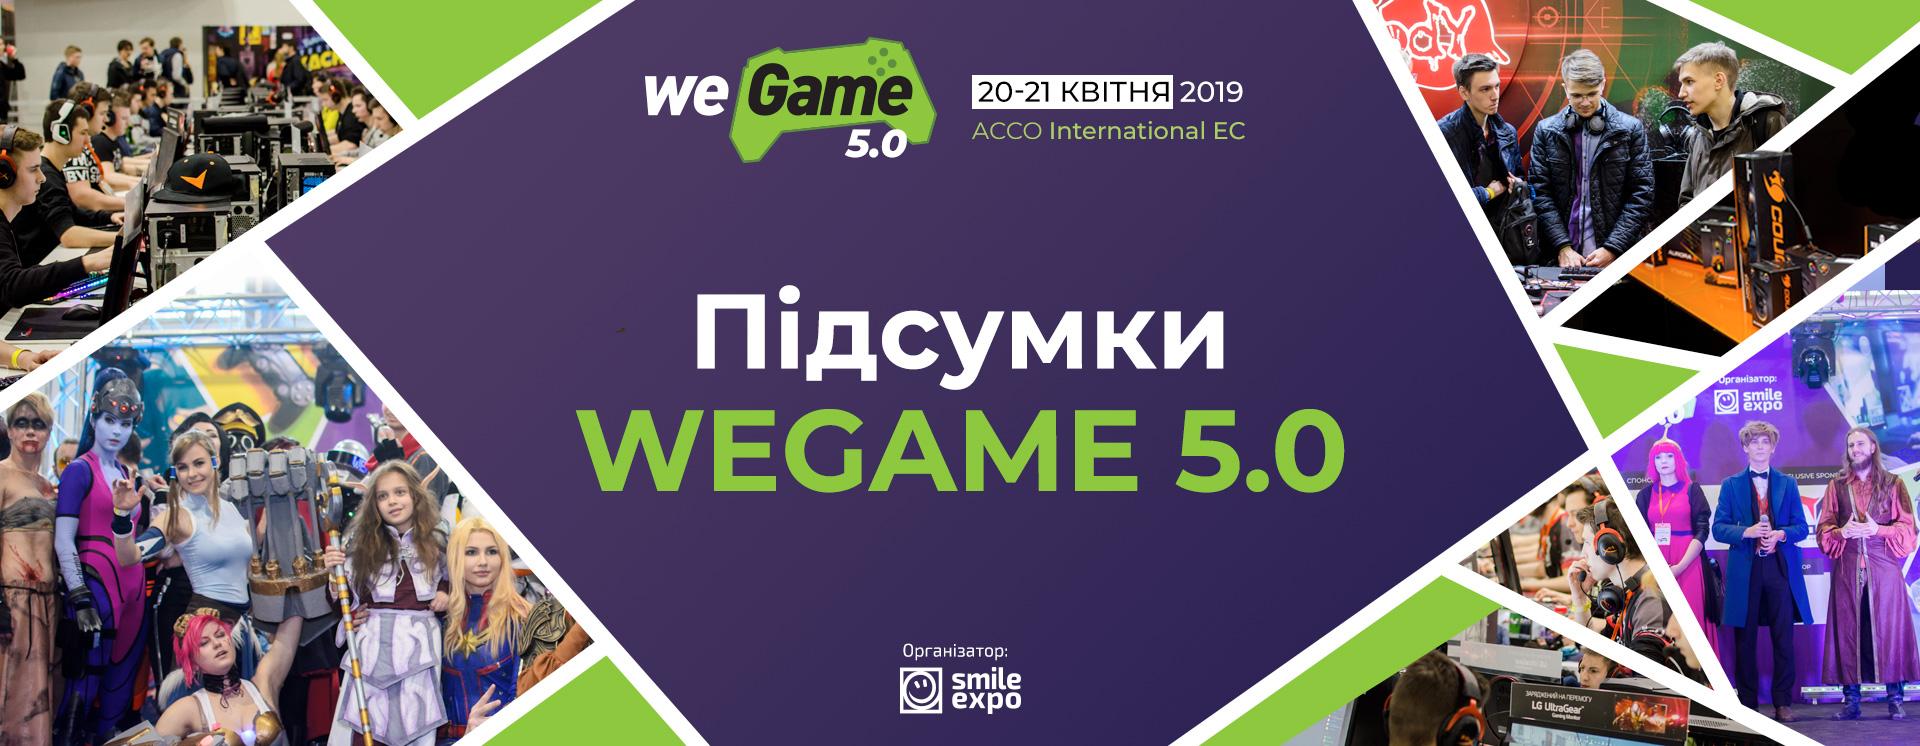 Кіберспортивні баталії і свято косплею – підсумки WeGame